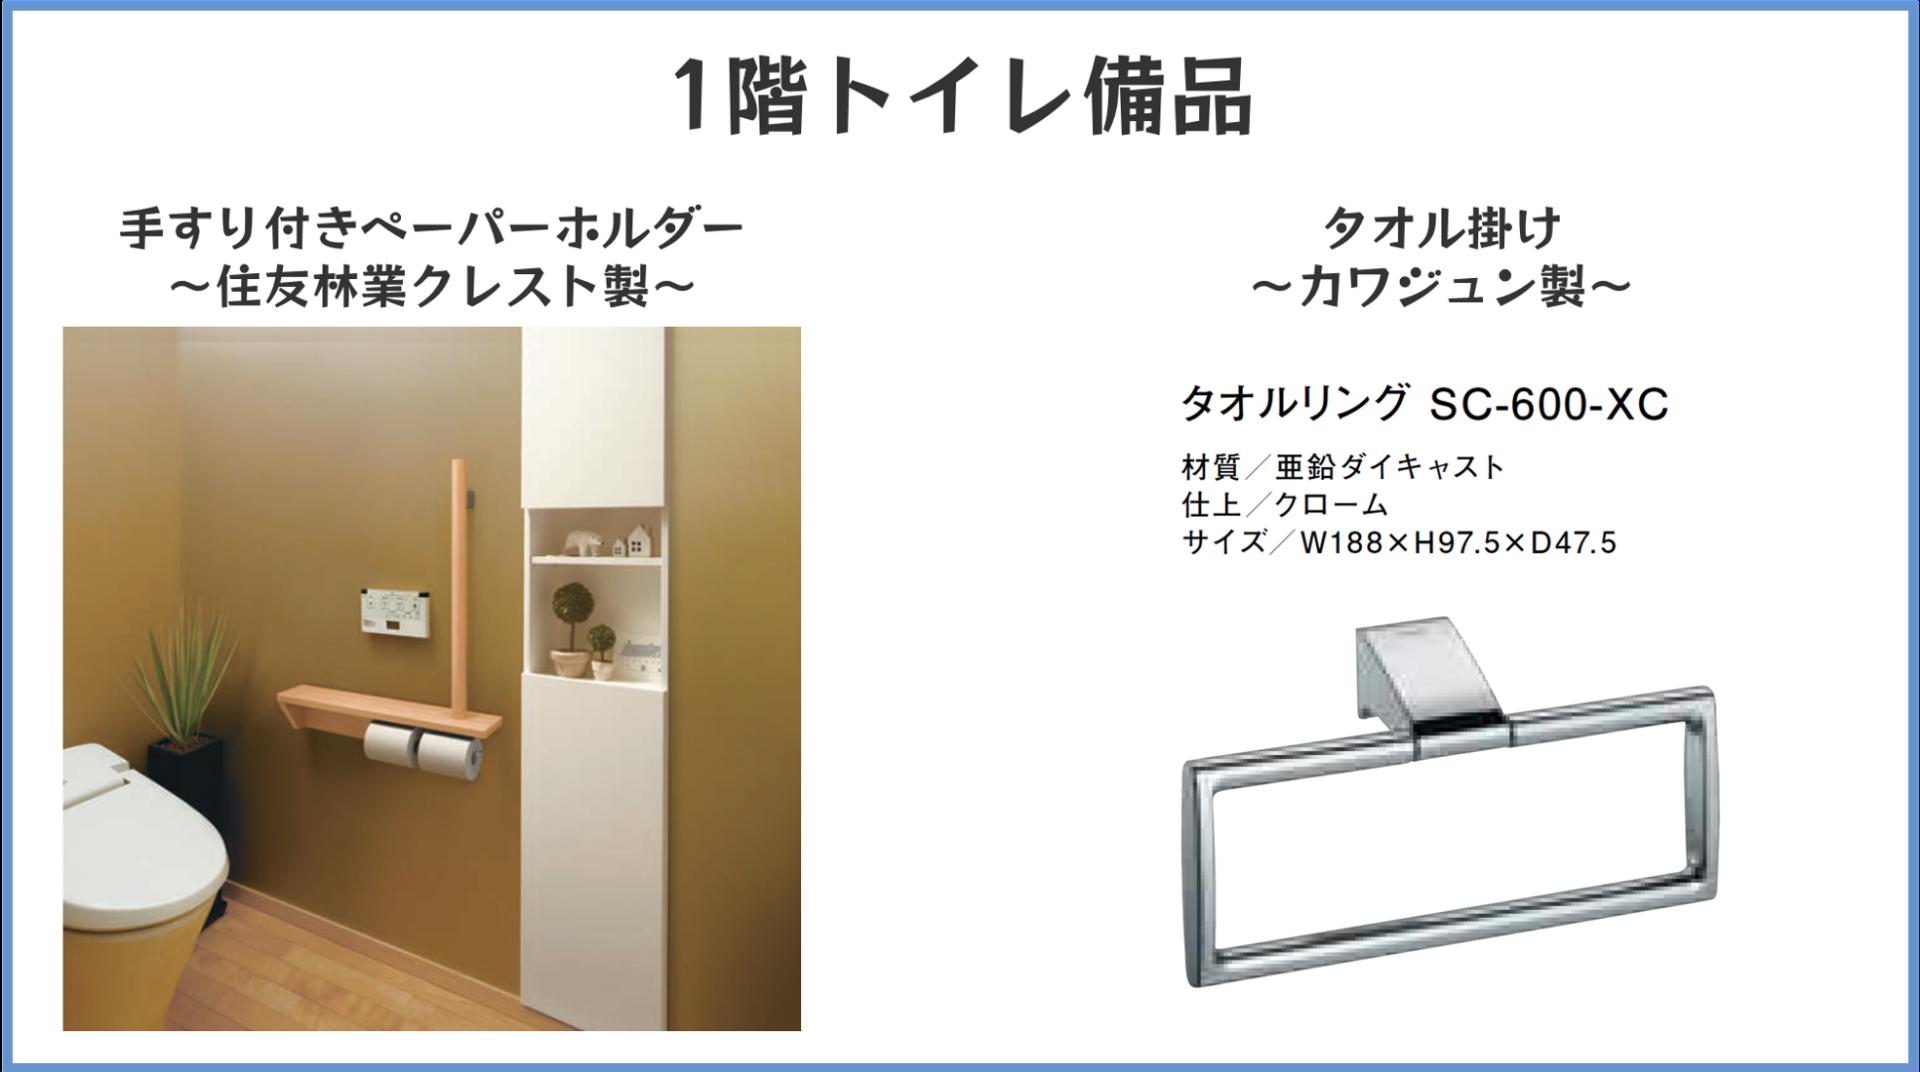 1階トイレ備品